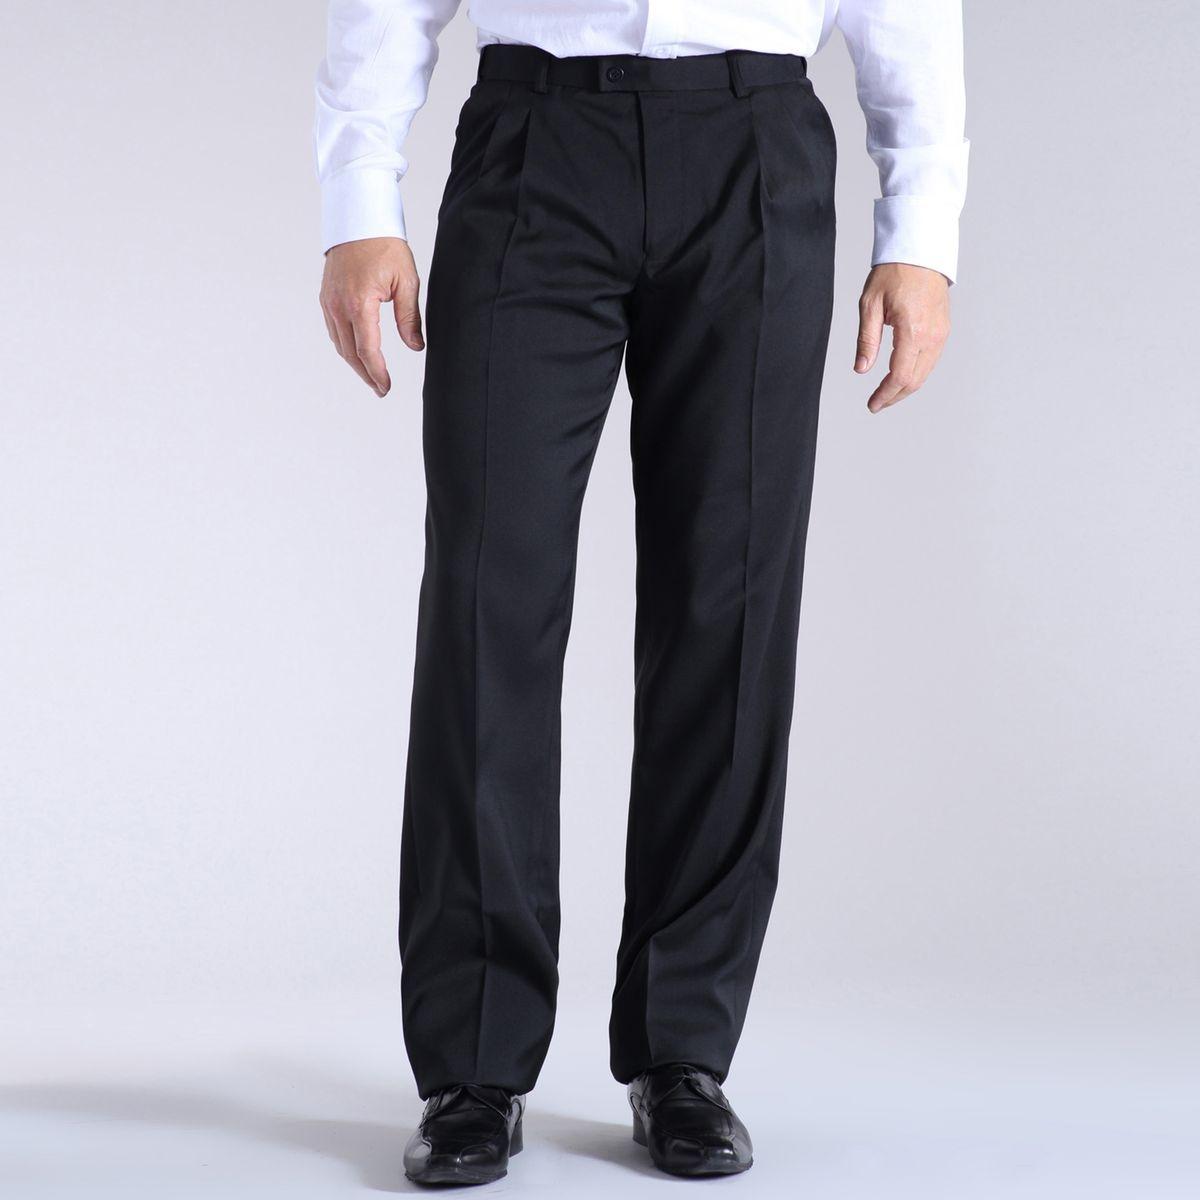 Pantalon droit en synthétique